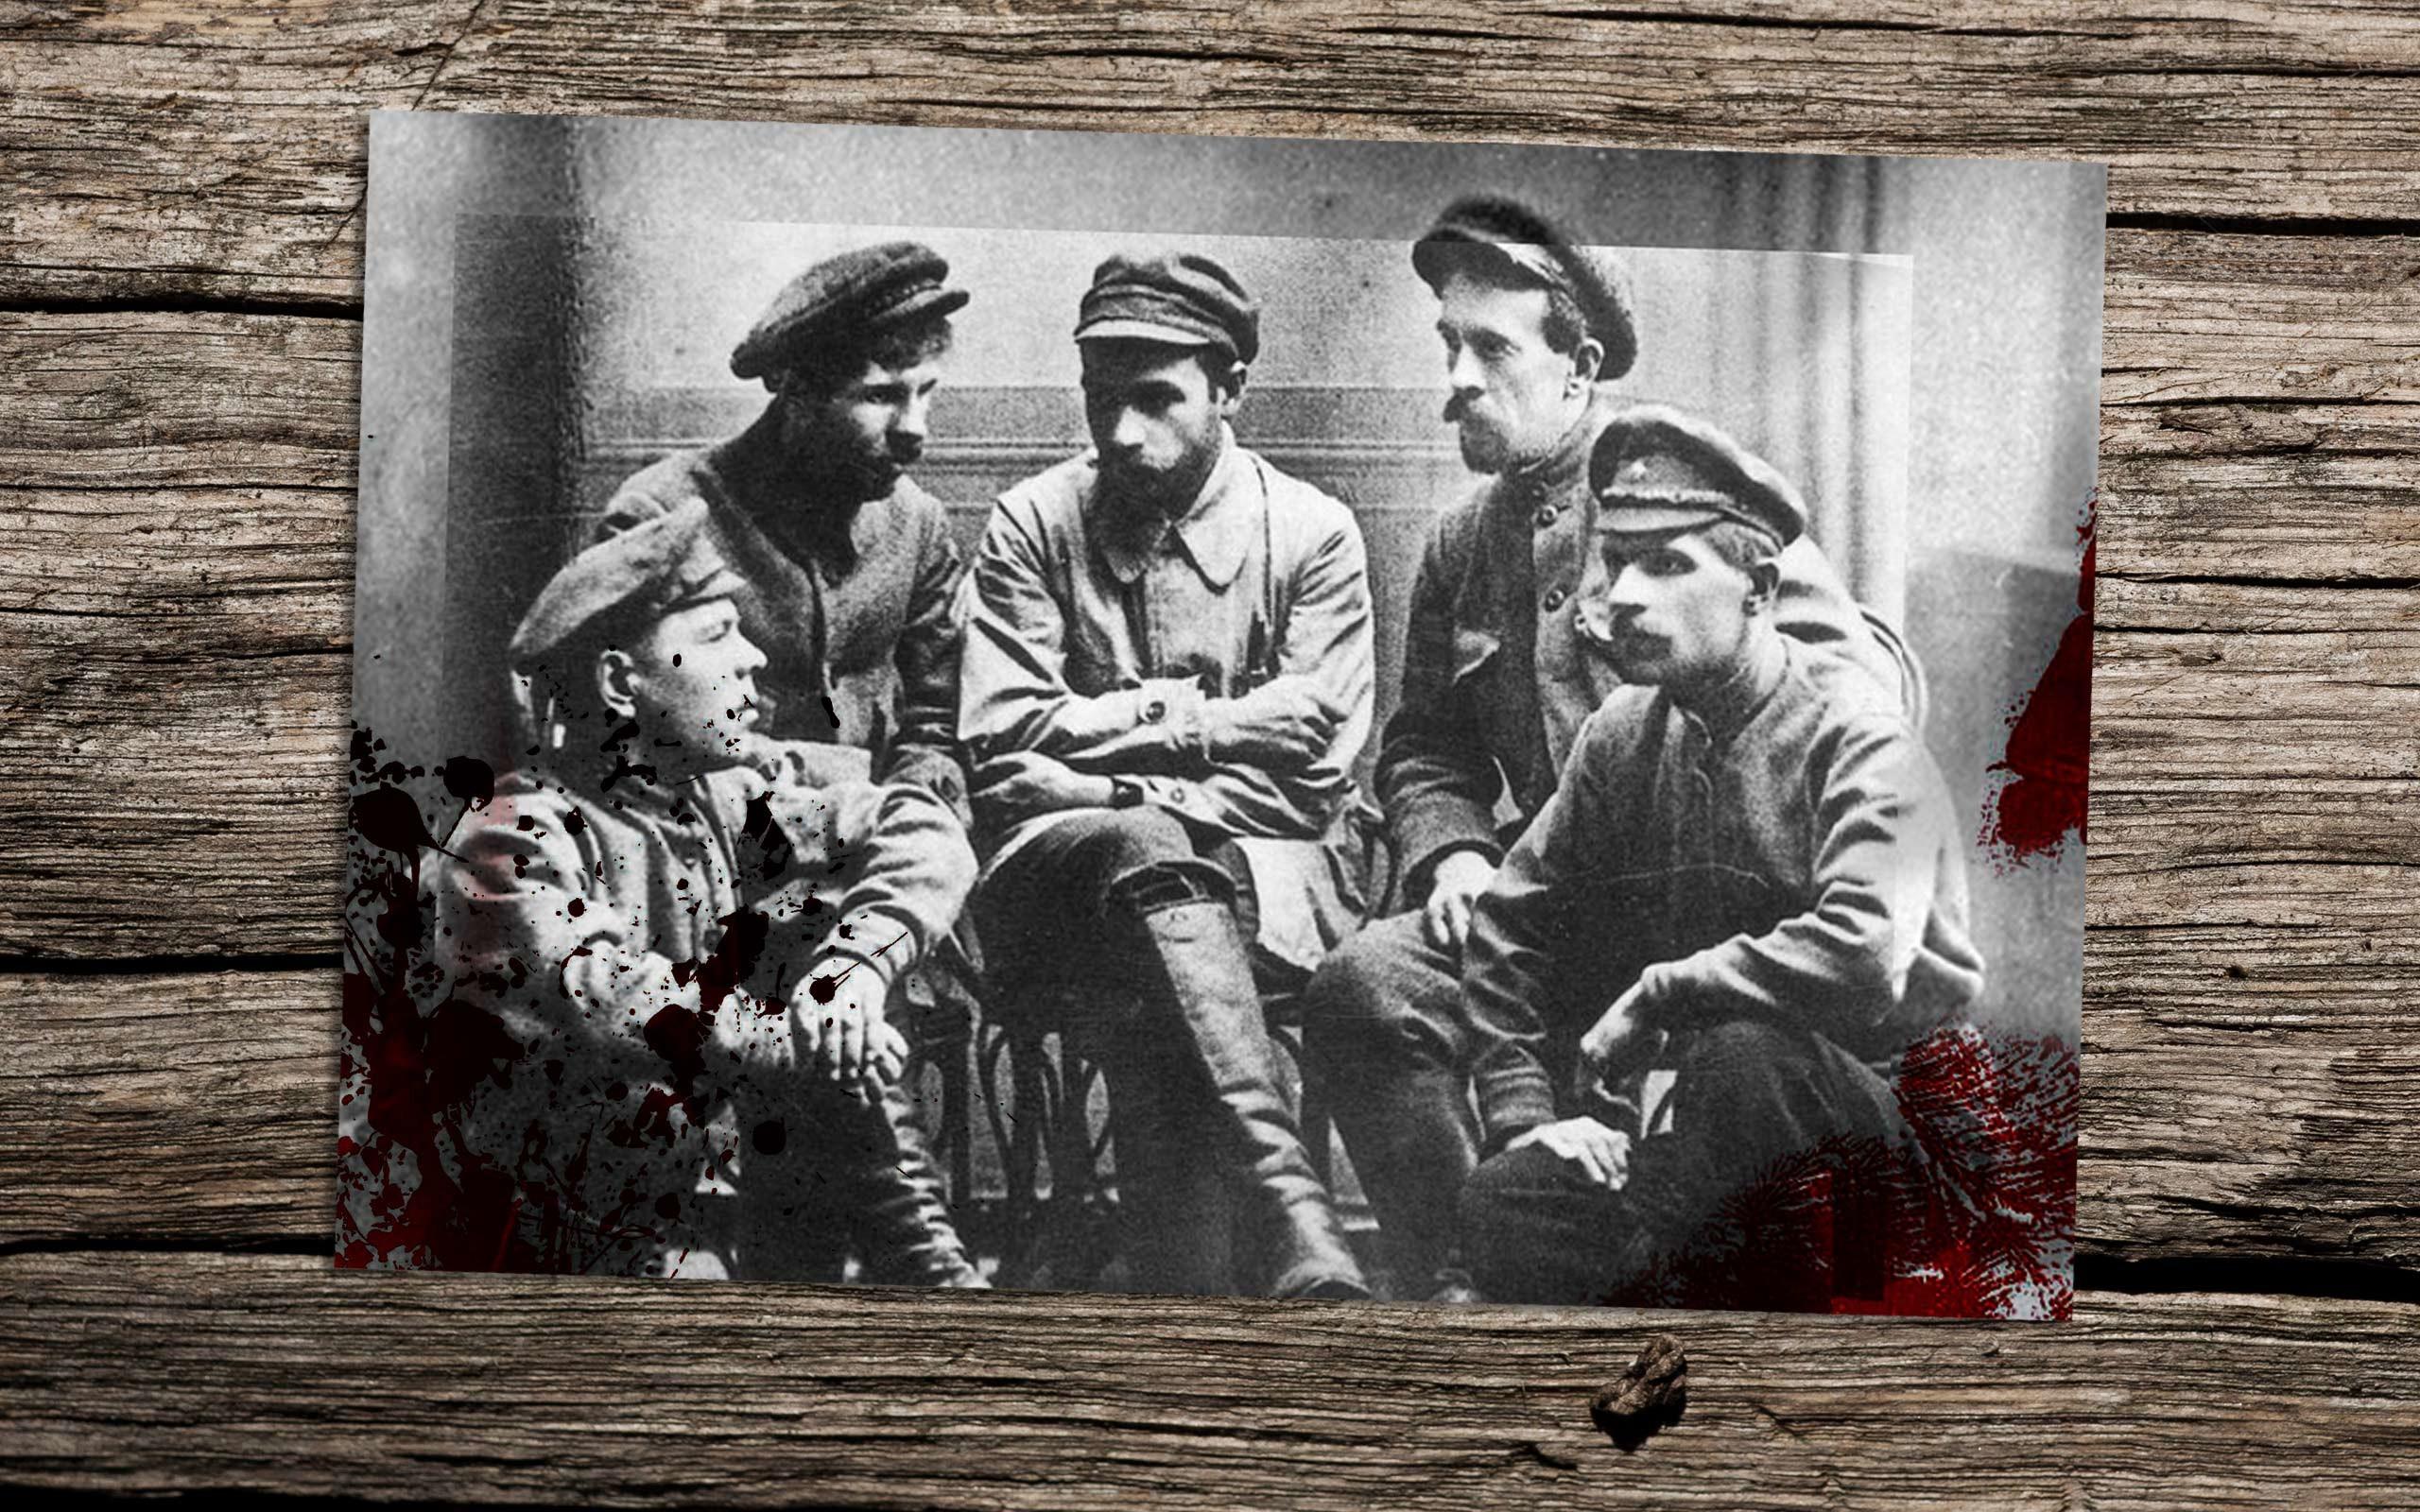 Фотография на память после совершения убийства. Слева направо: А.В.Марков, И.Ф.Колпащиков, Г.И.Мясников, В.А.Иванченко, Н.В.Жужгов Фото:© wikipedia.org